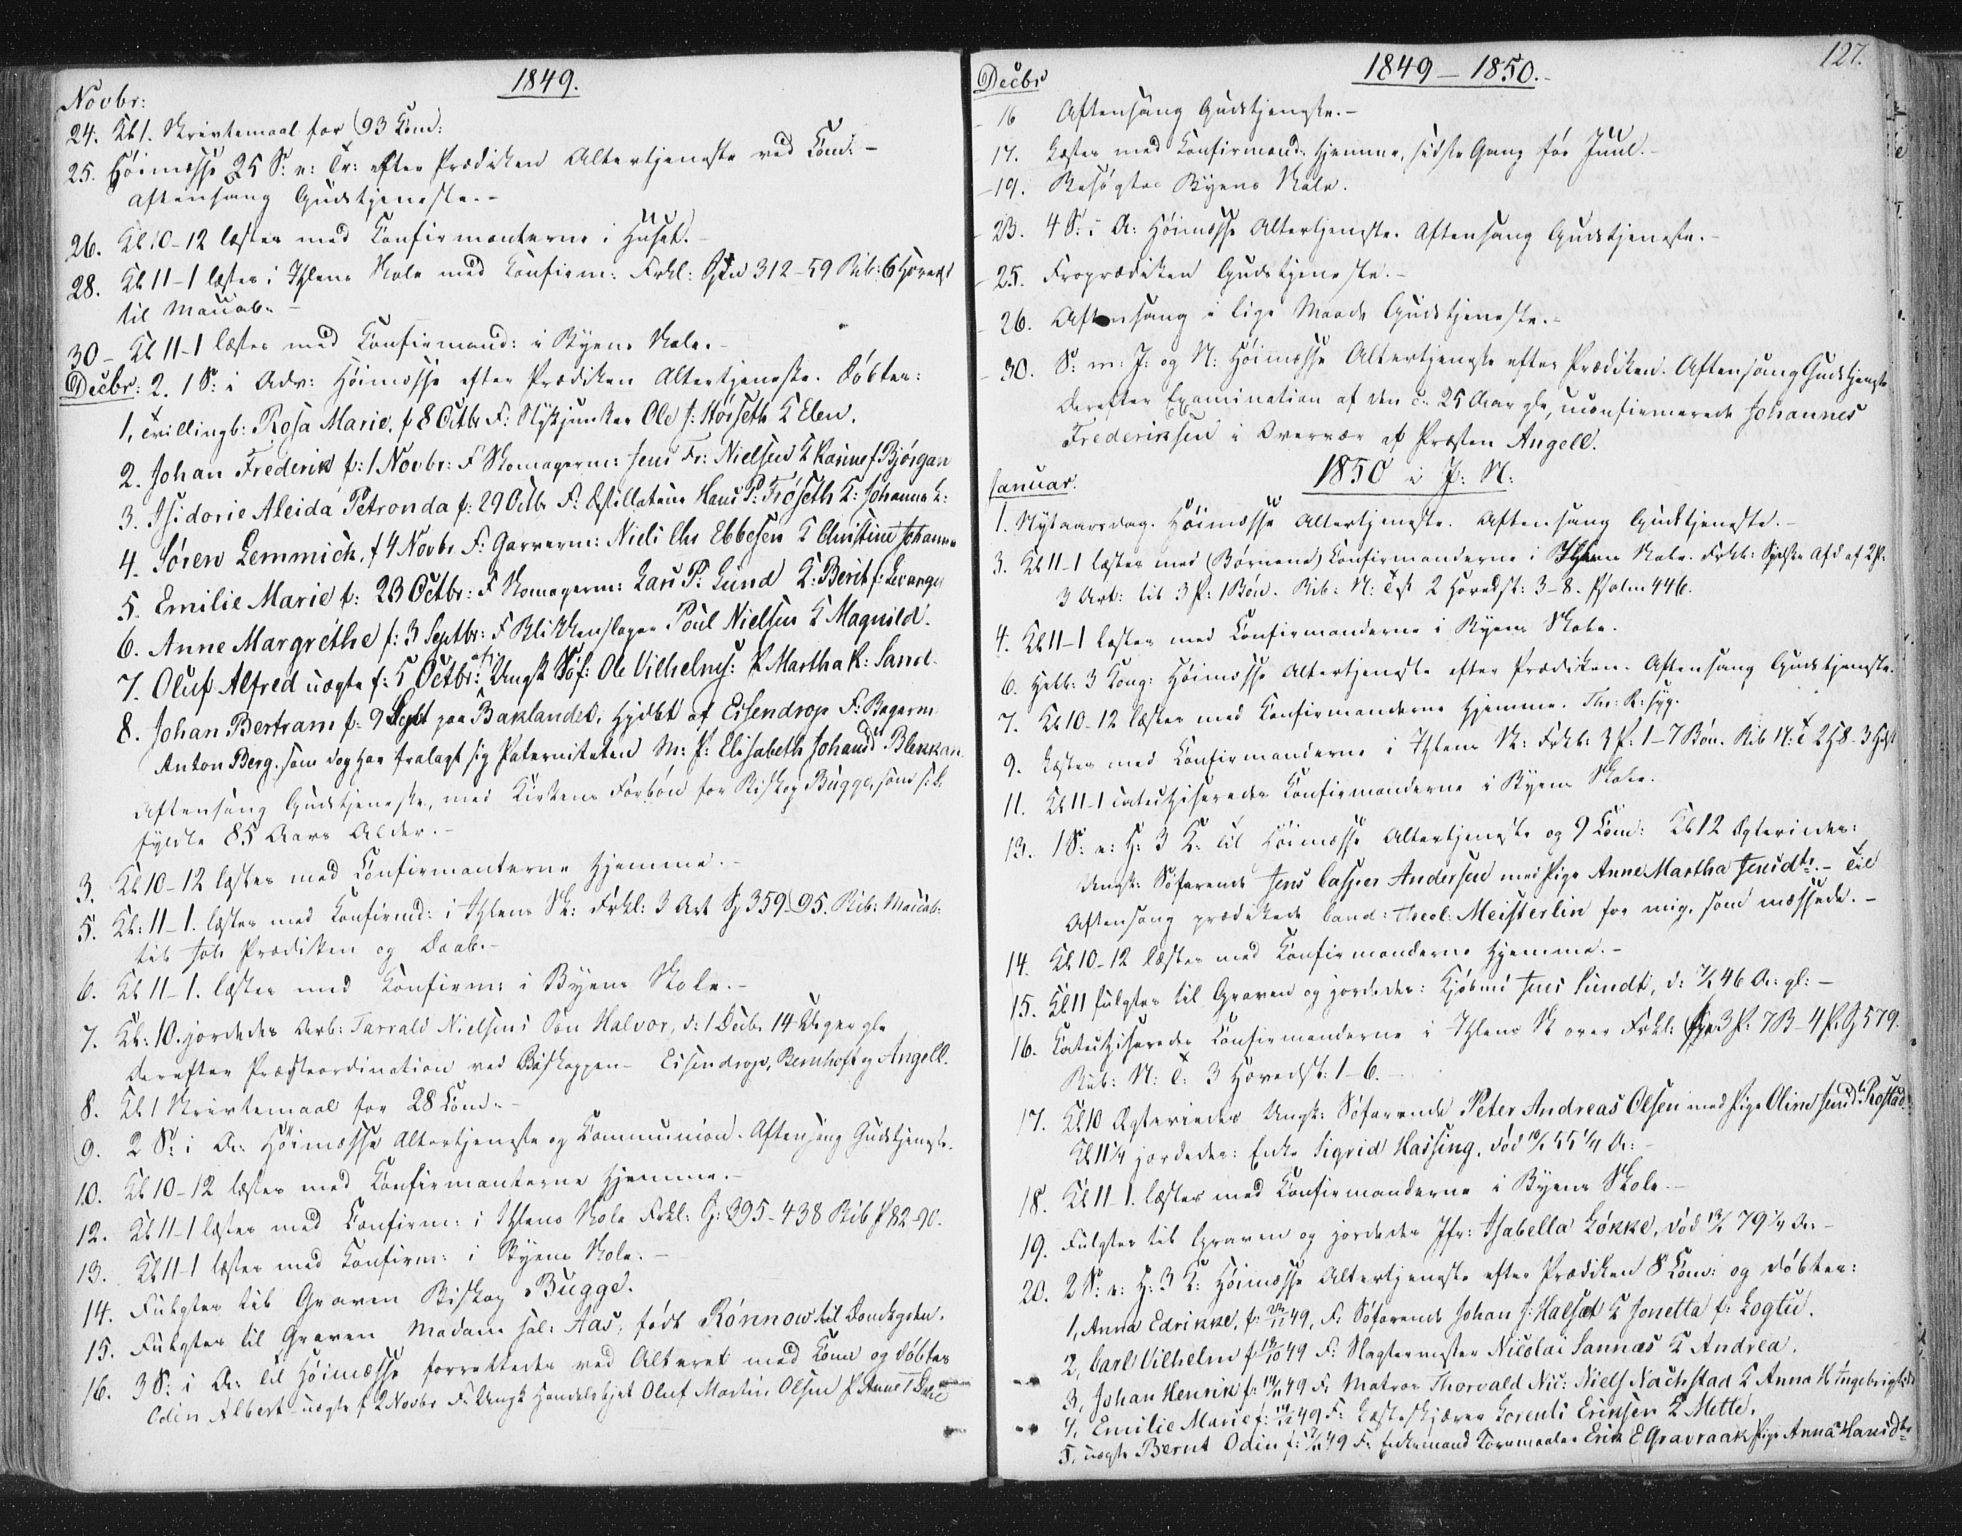 SAT, Ministerialprotokoller, klokkerbøker og fødselsregistre - Sør-Trøndelag, 602/L0127: Residerende kapellans bok nr. 602B01, 1821-1875, s. 127